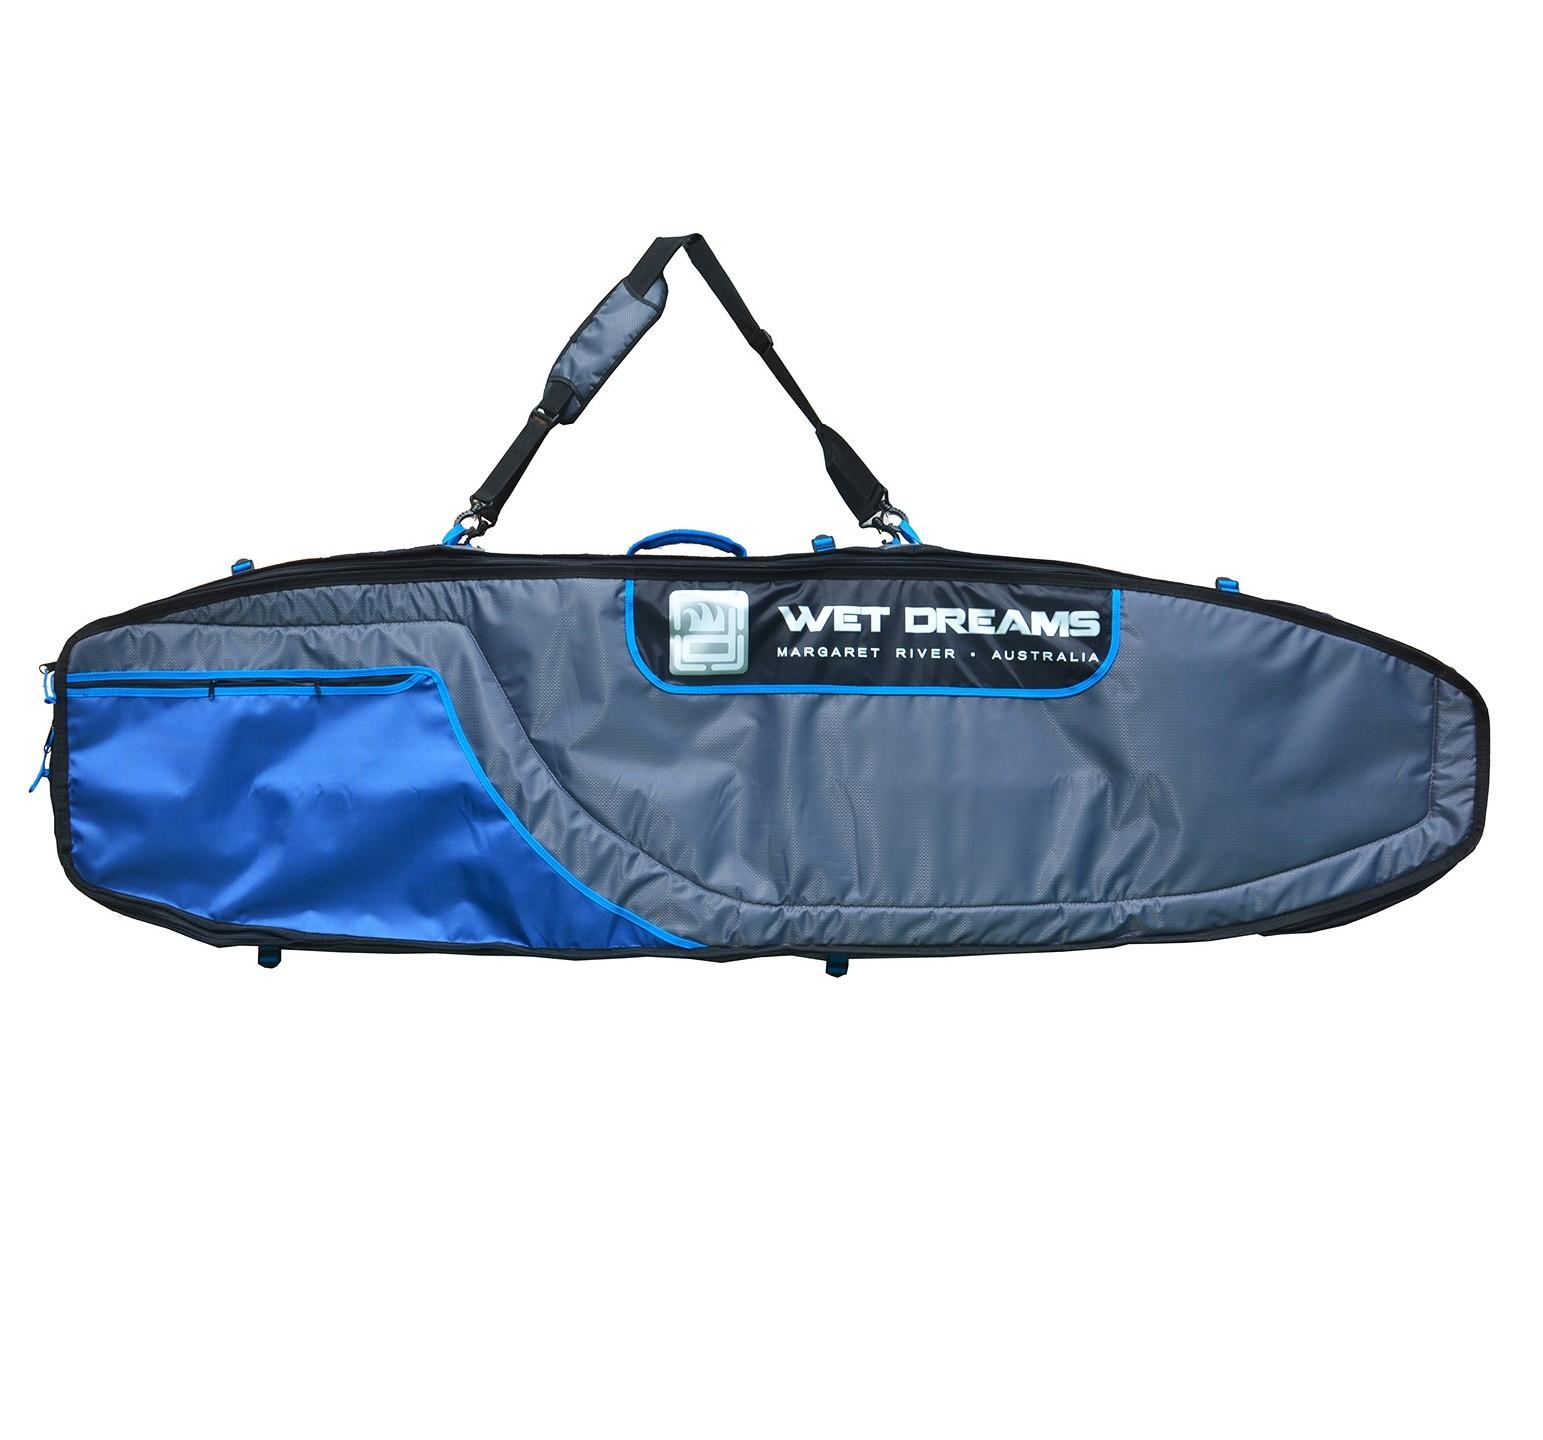 Sarcófago para 5 pranchas de Surf 6'0'' - 1,82m - Wet Dreams   Prancharia